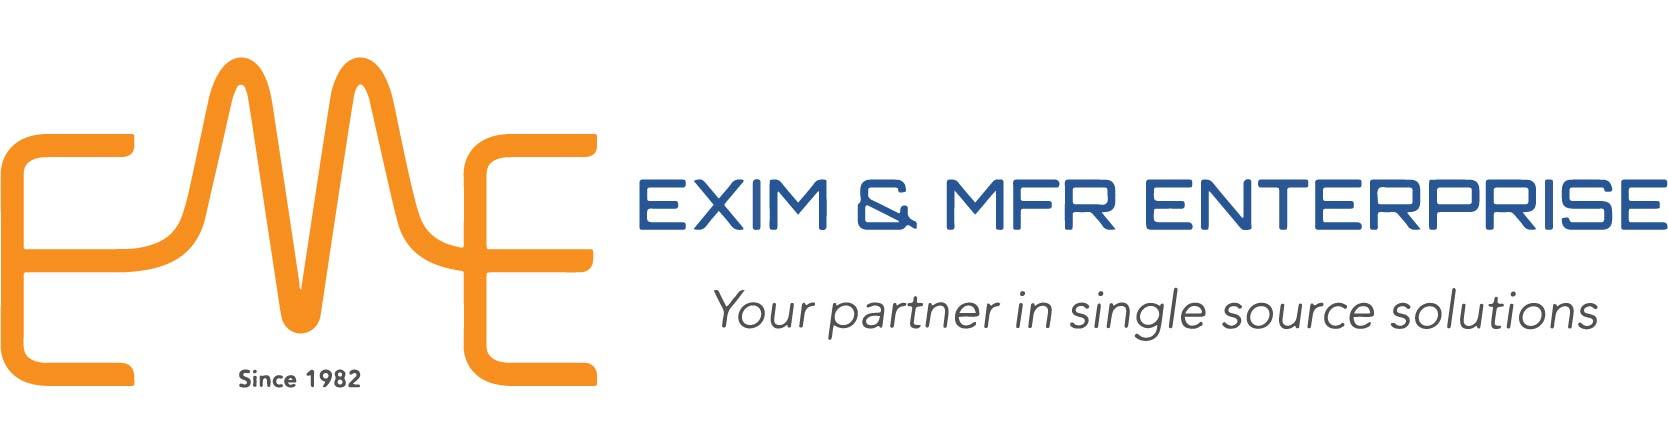 EXIM & MFR ENTERPRISE